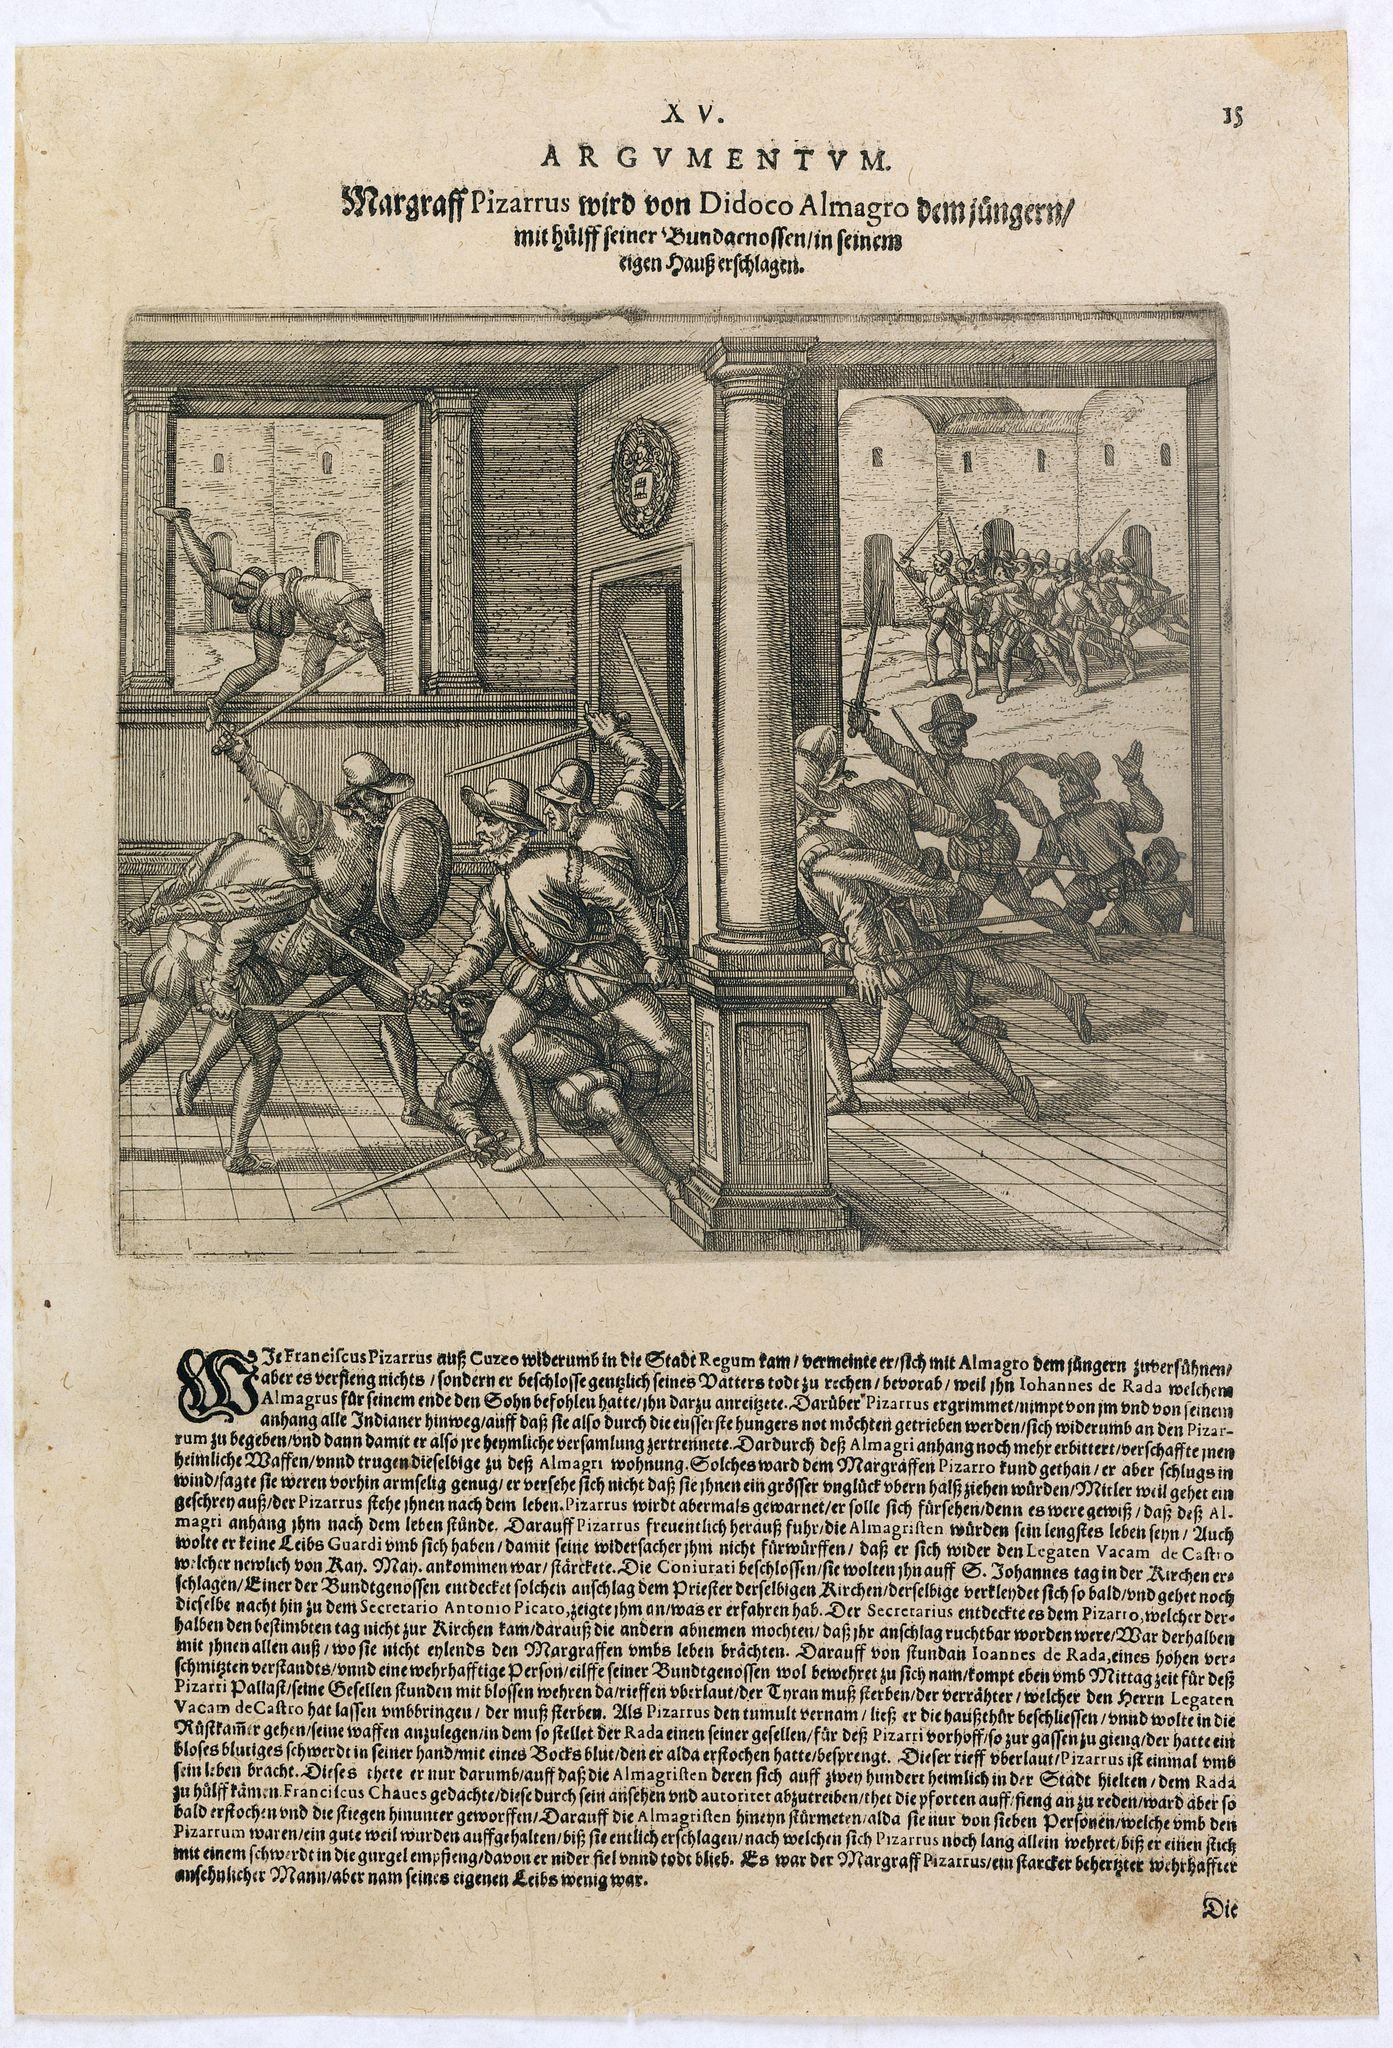 DE BRY, Th. -  Margraff Pizarrus wird von Didoco Almagro dem jüngern mit hülff seiner Bundgenossen in . . .